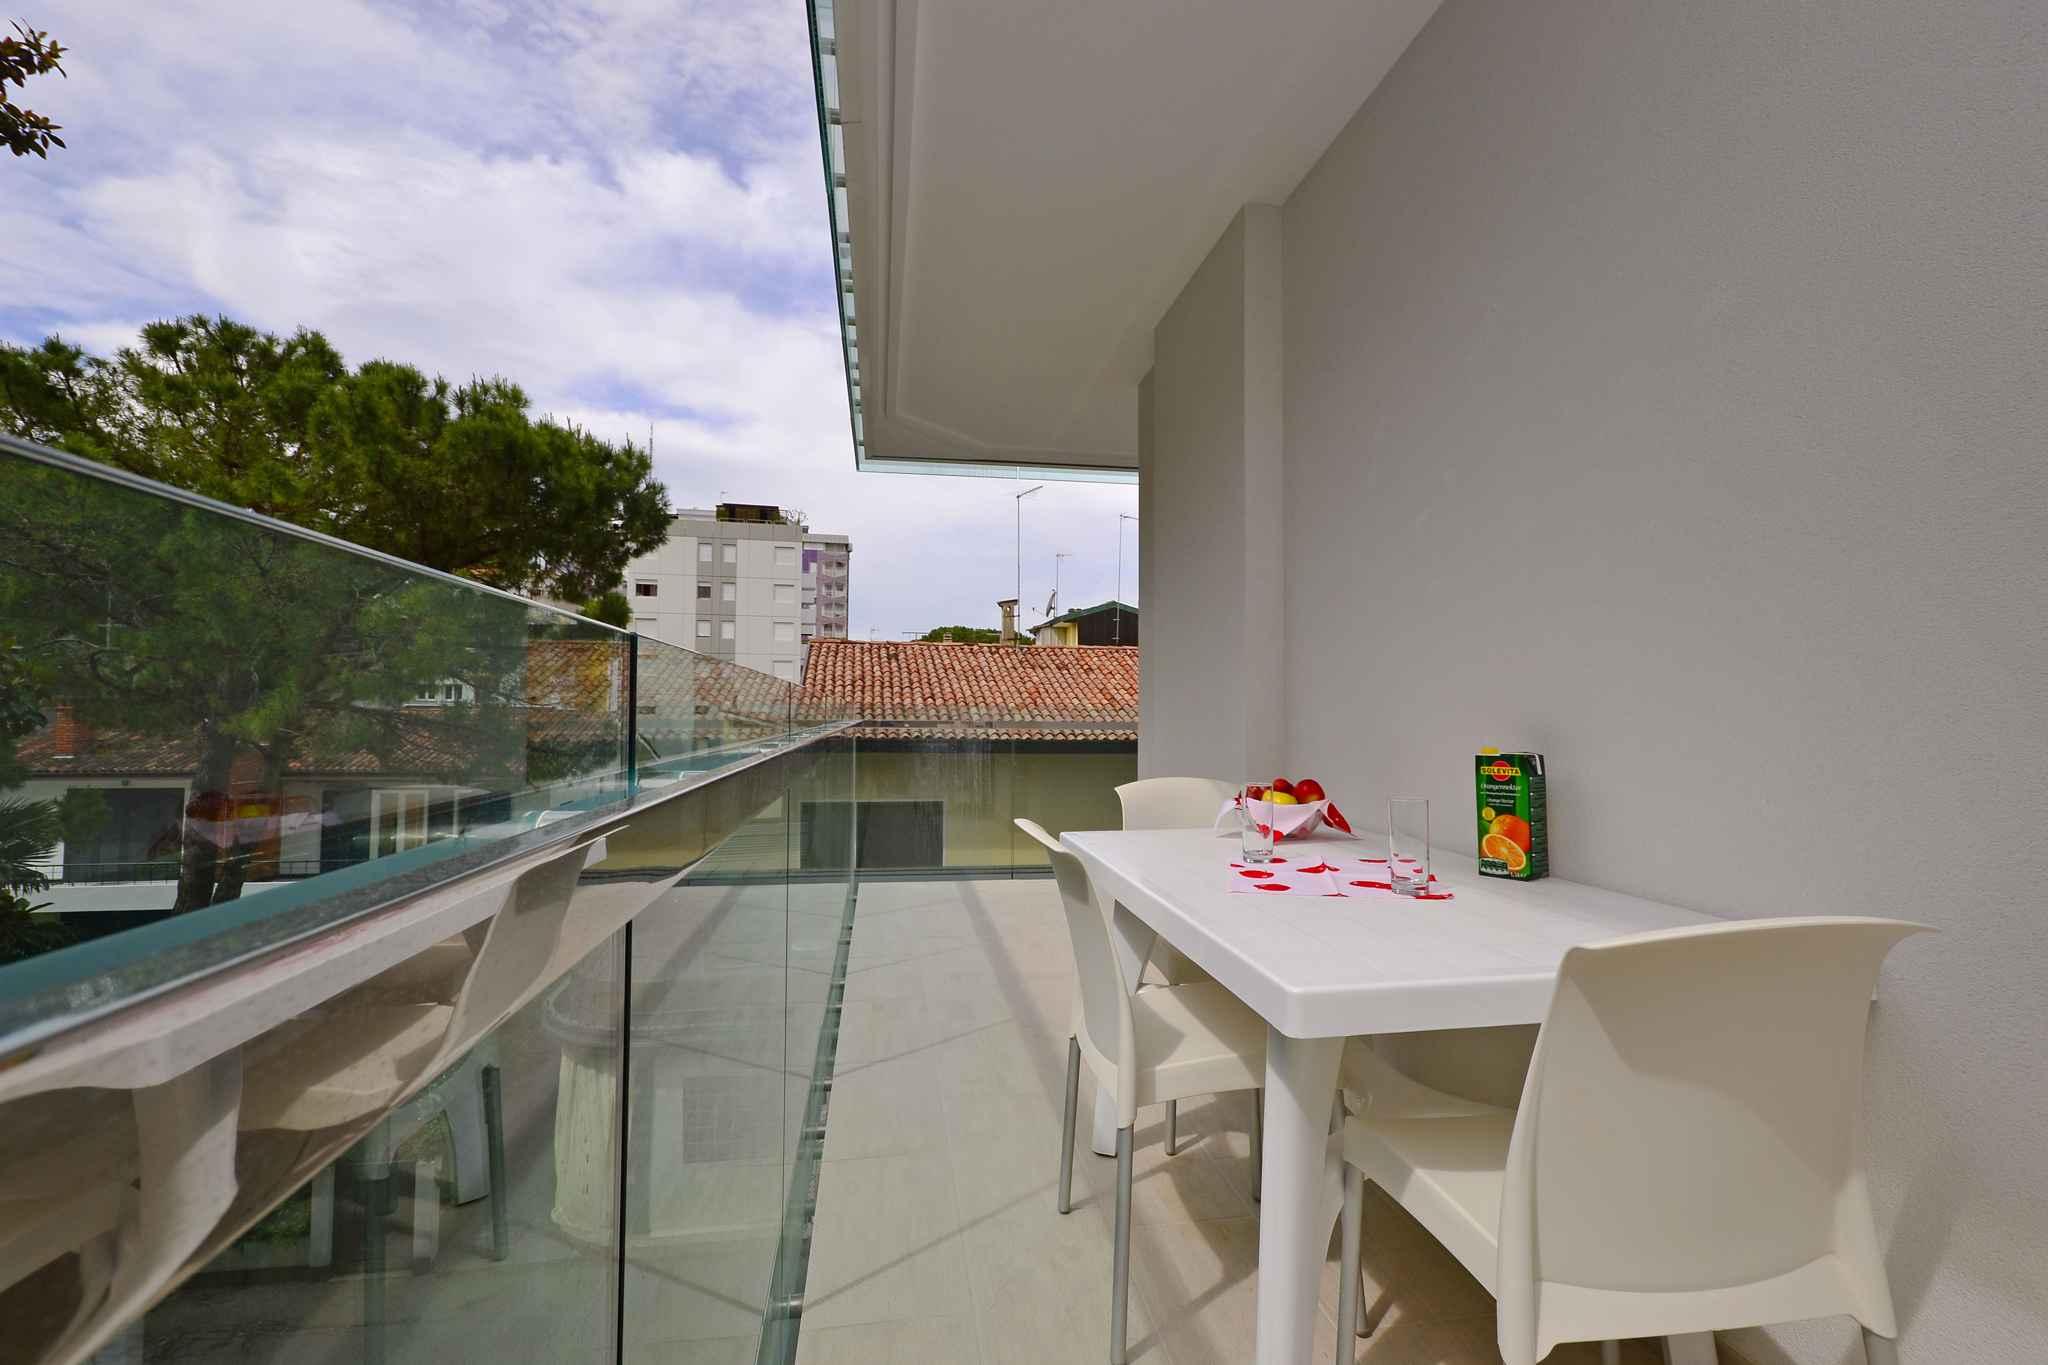 Ferienwohnung mit Klimaanlage (279375), Lignano Sabbiadoro, Adriaküste (Friaul-Julisch Venetien), Friaul-Julisch Venetien, Italien, Bild 4